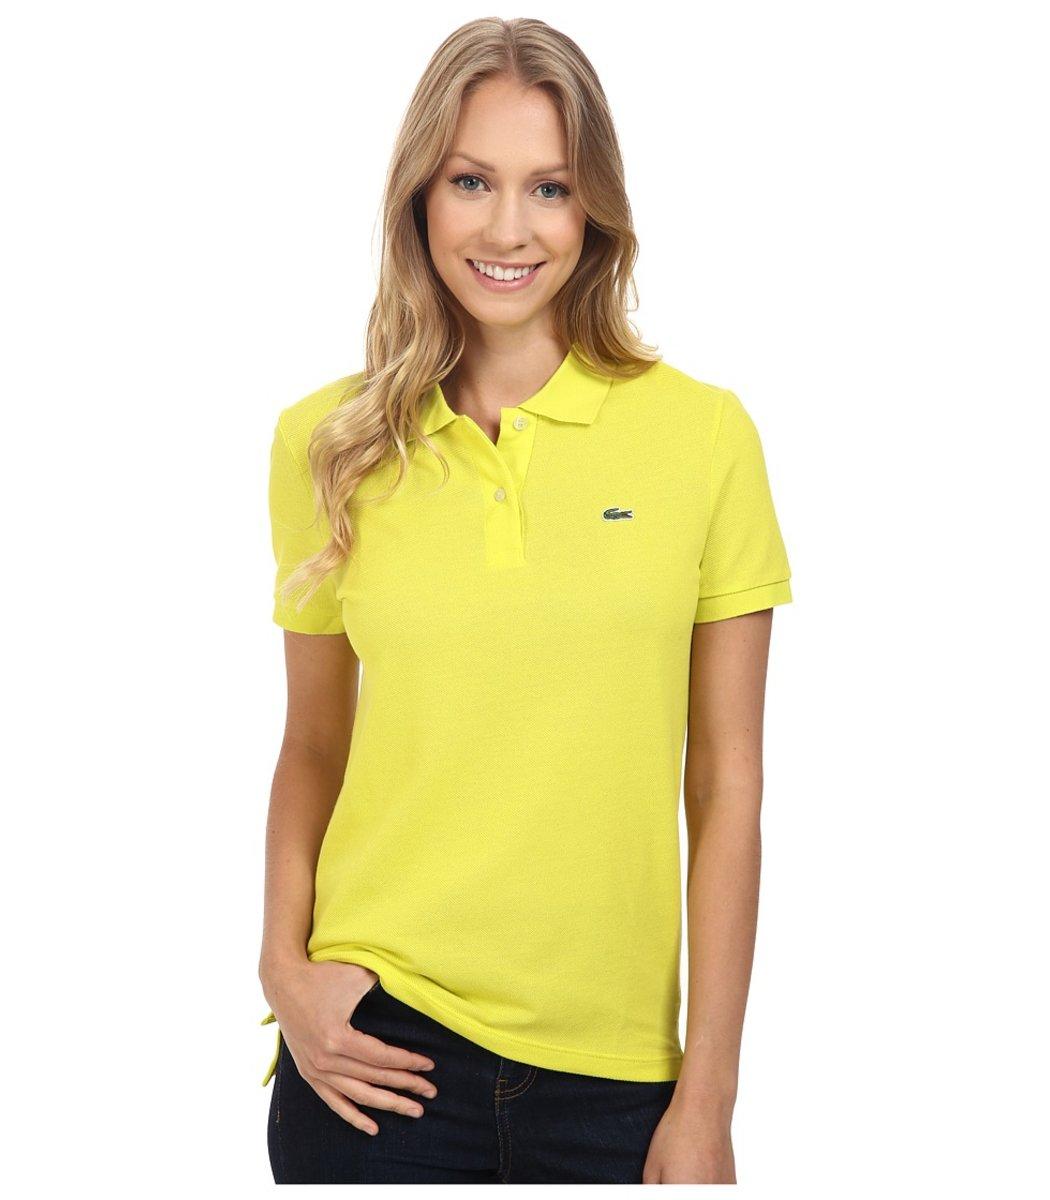 Женская желтая футболка поло Lacoste